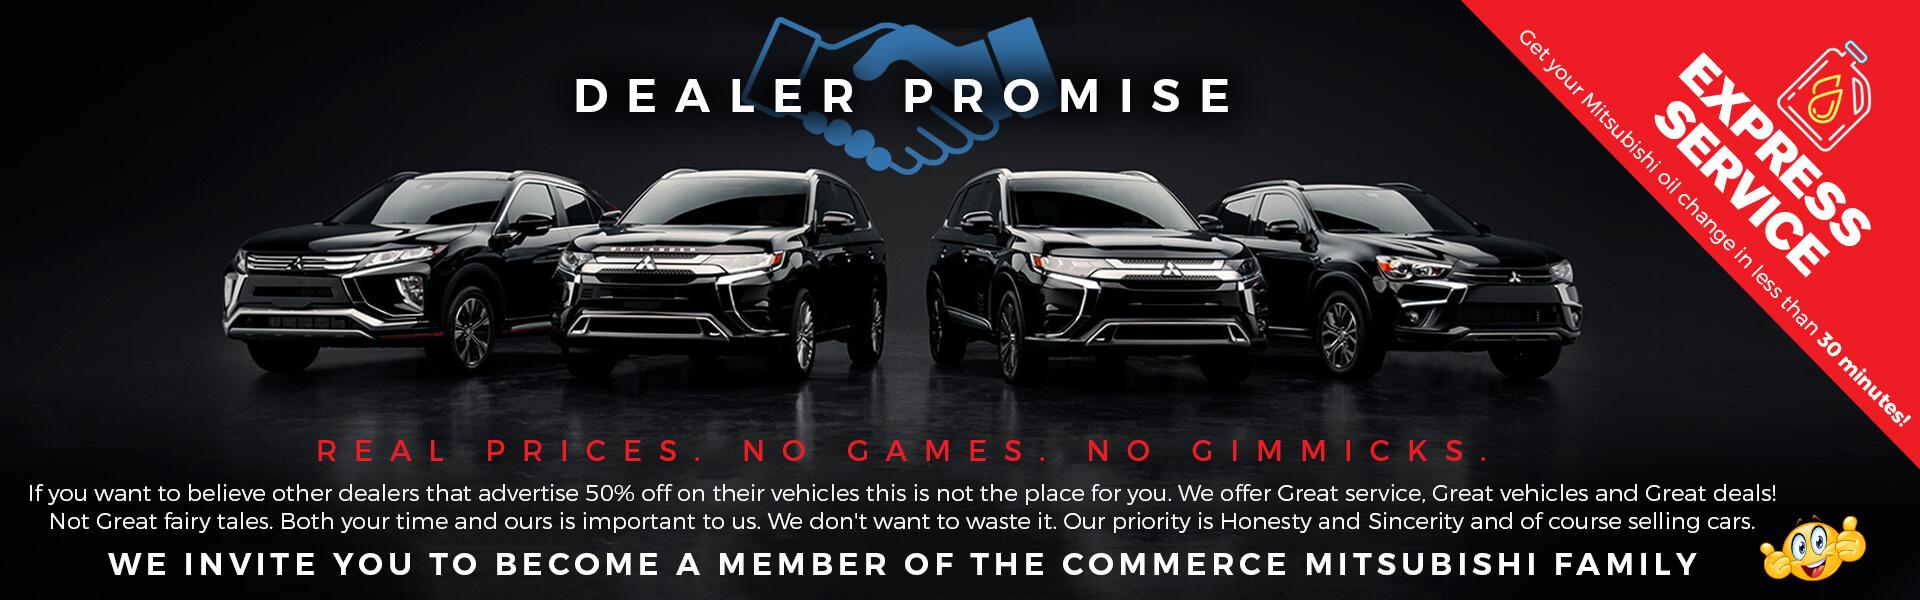 Dealer Promise